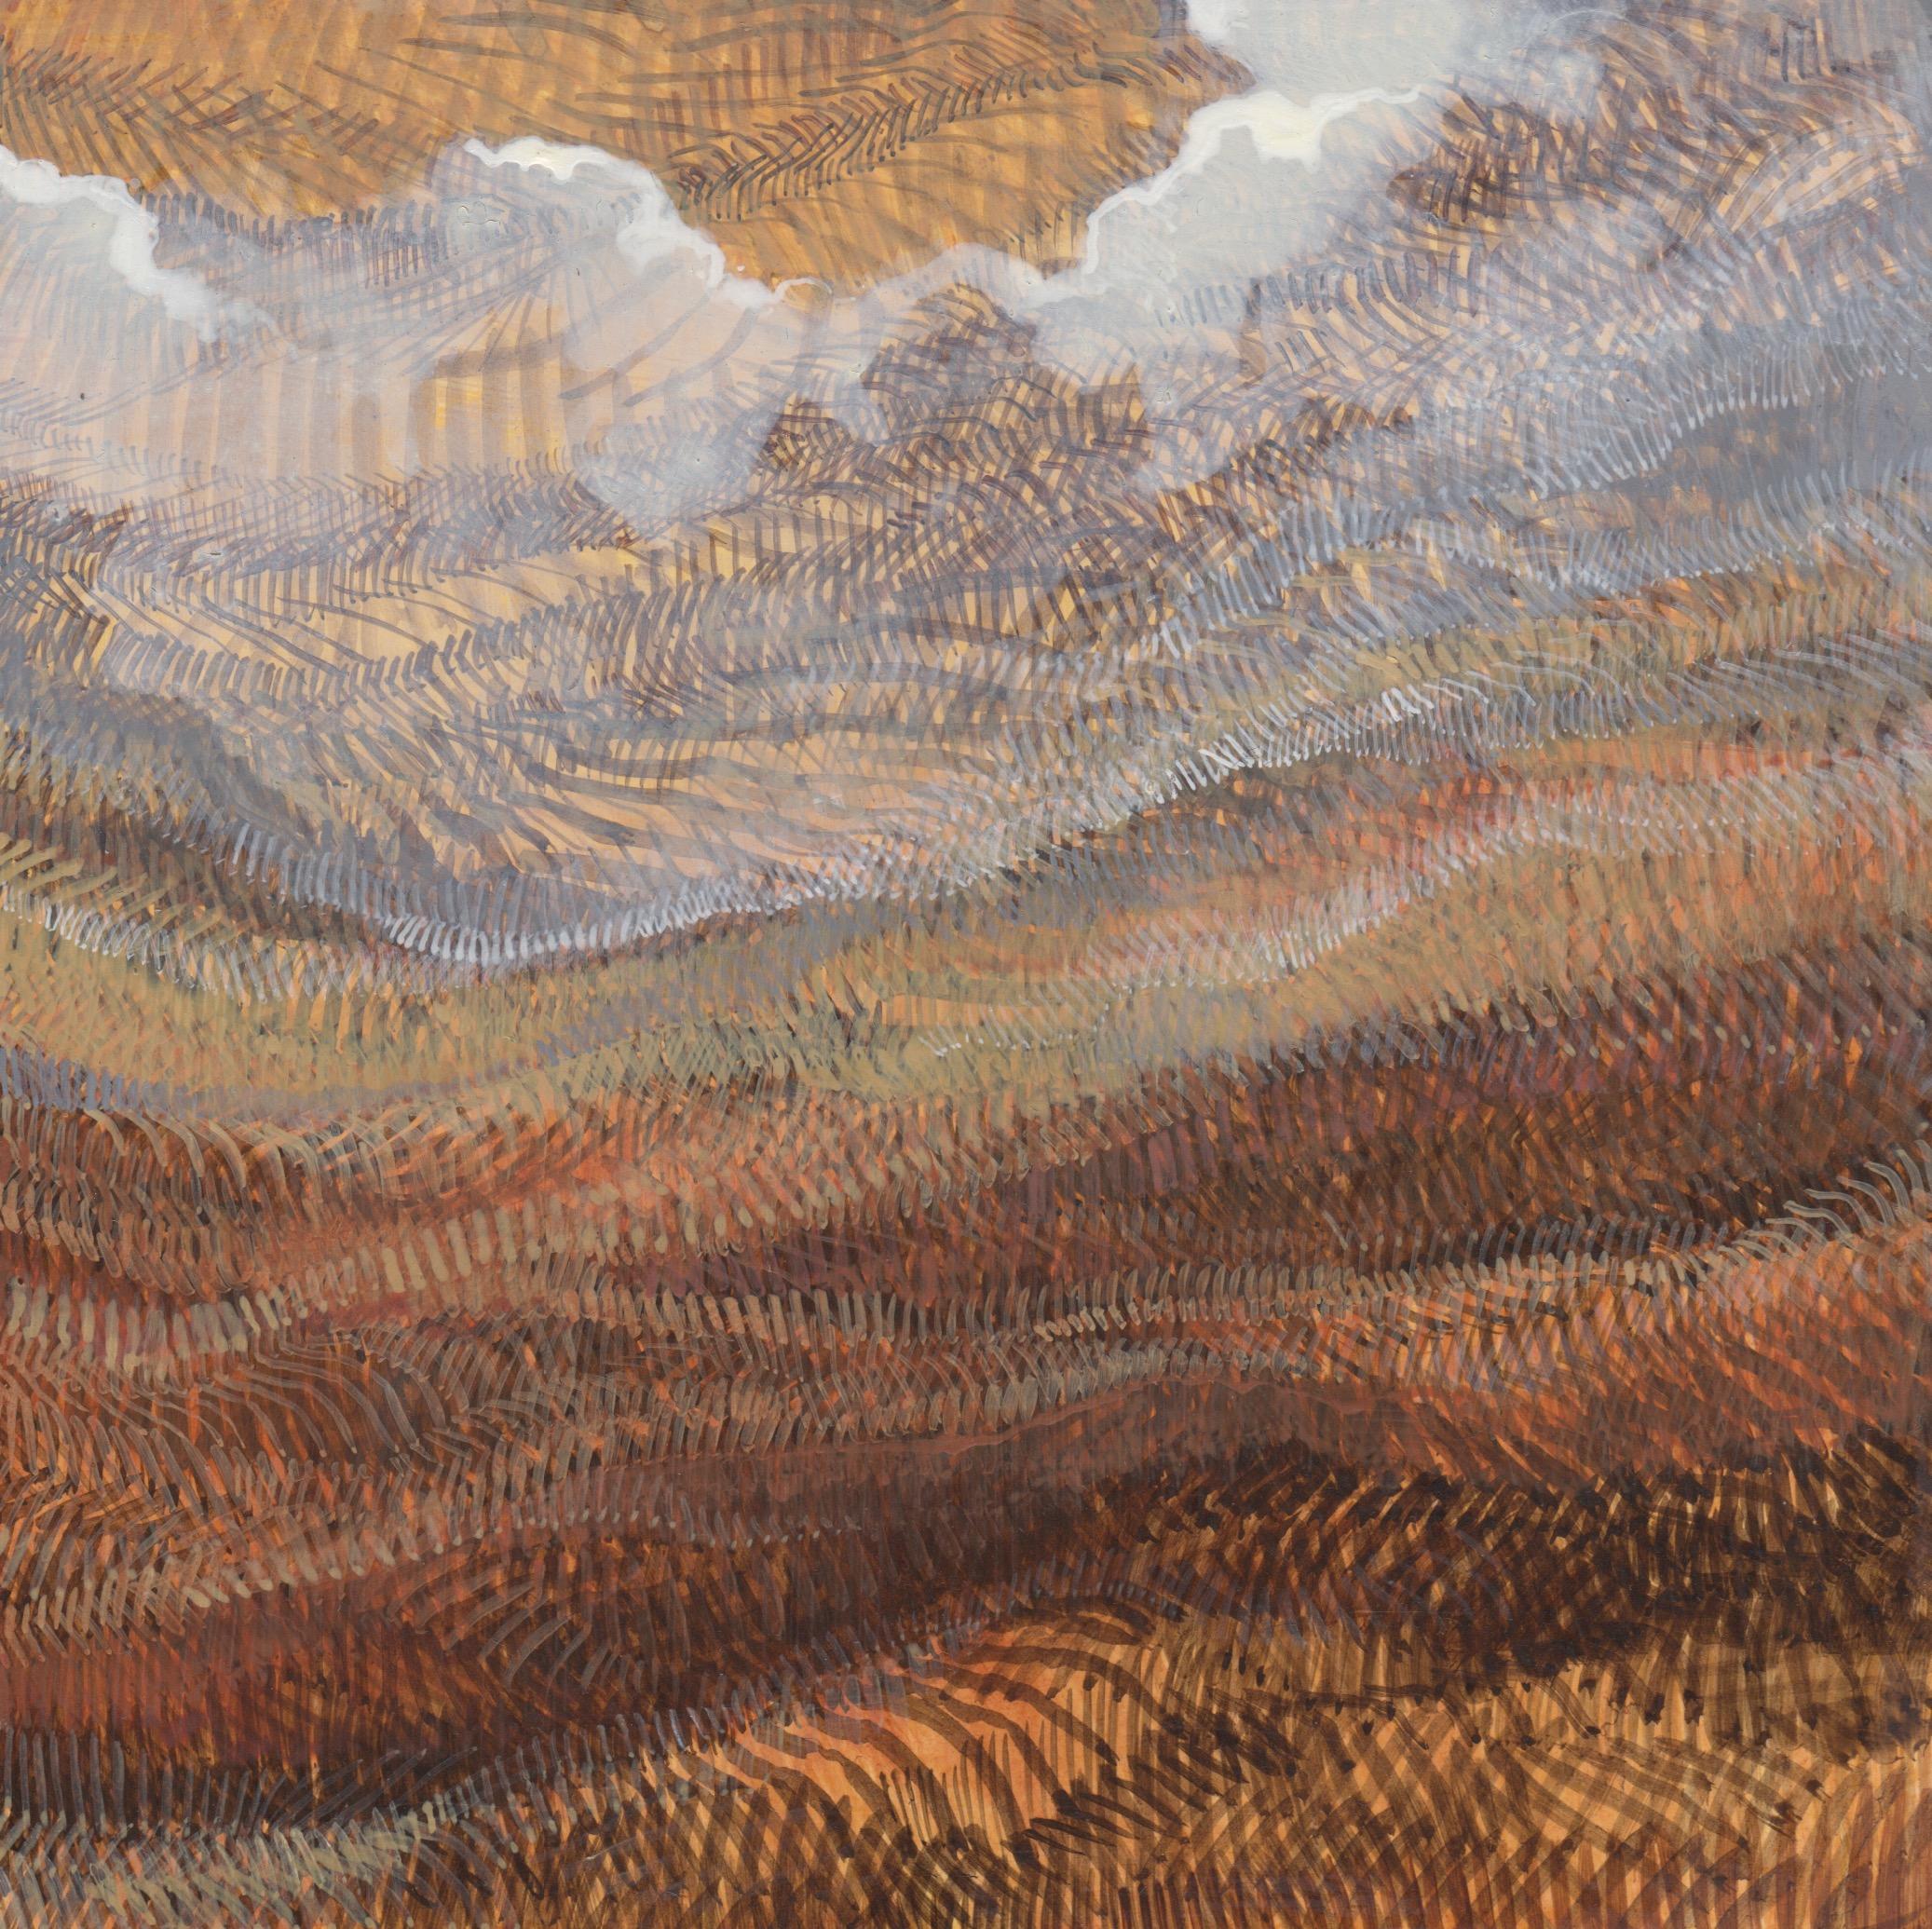 Adams Lines 24_6x6_ egg tempera on panel (1).jpeg